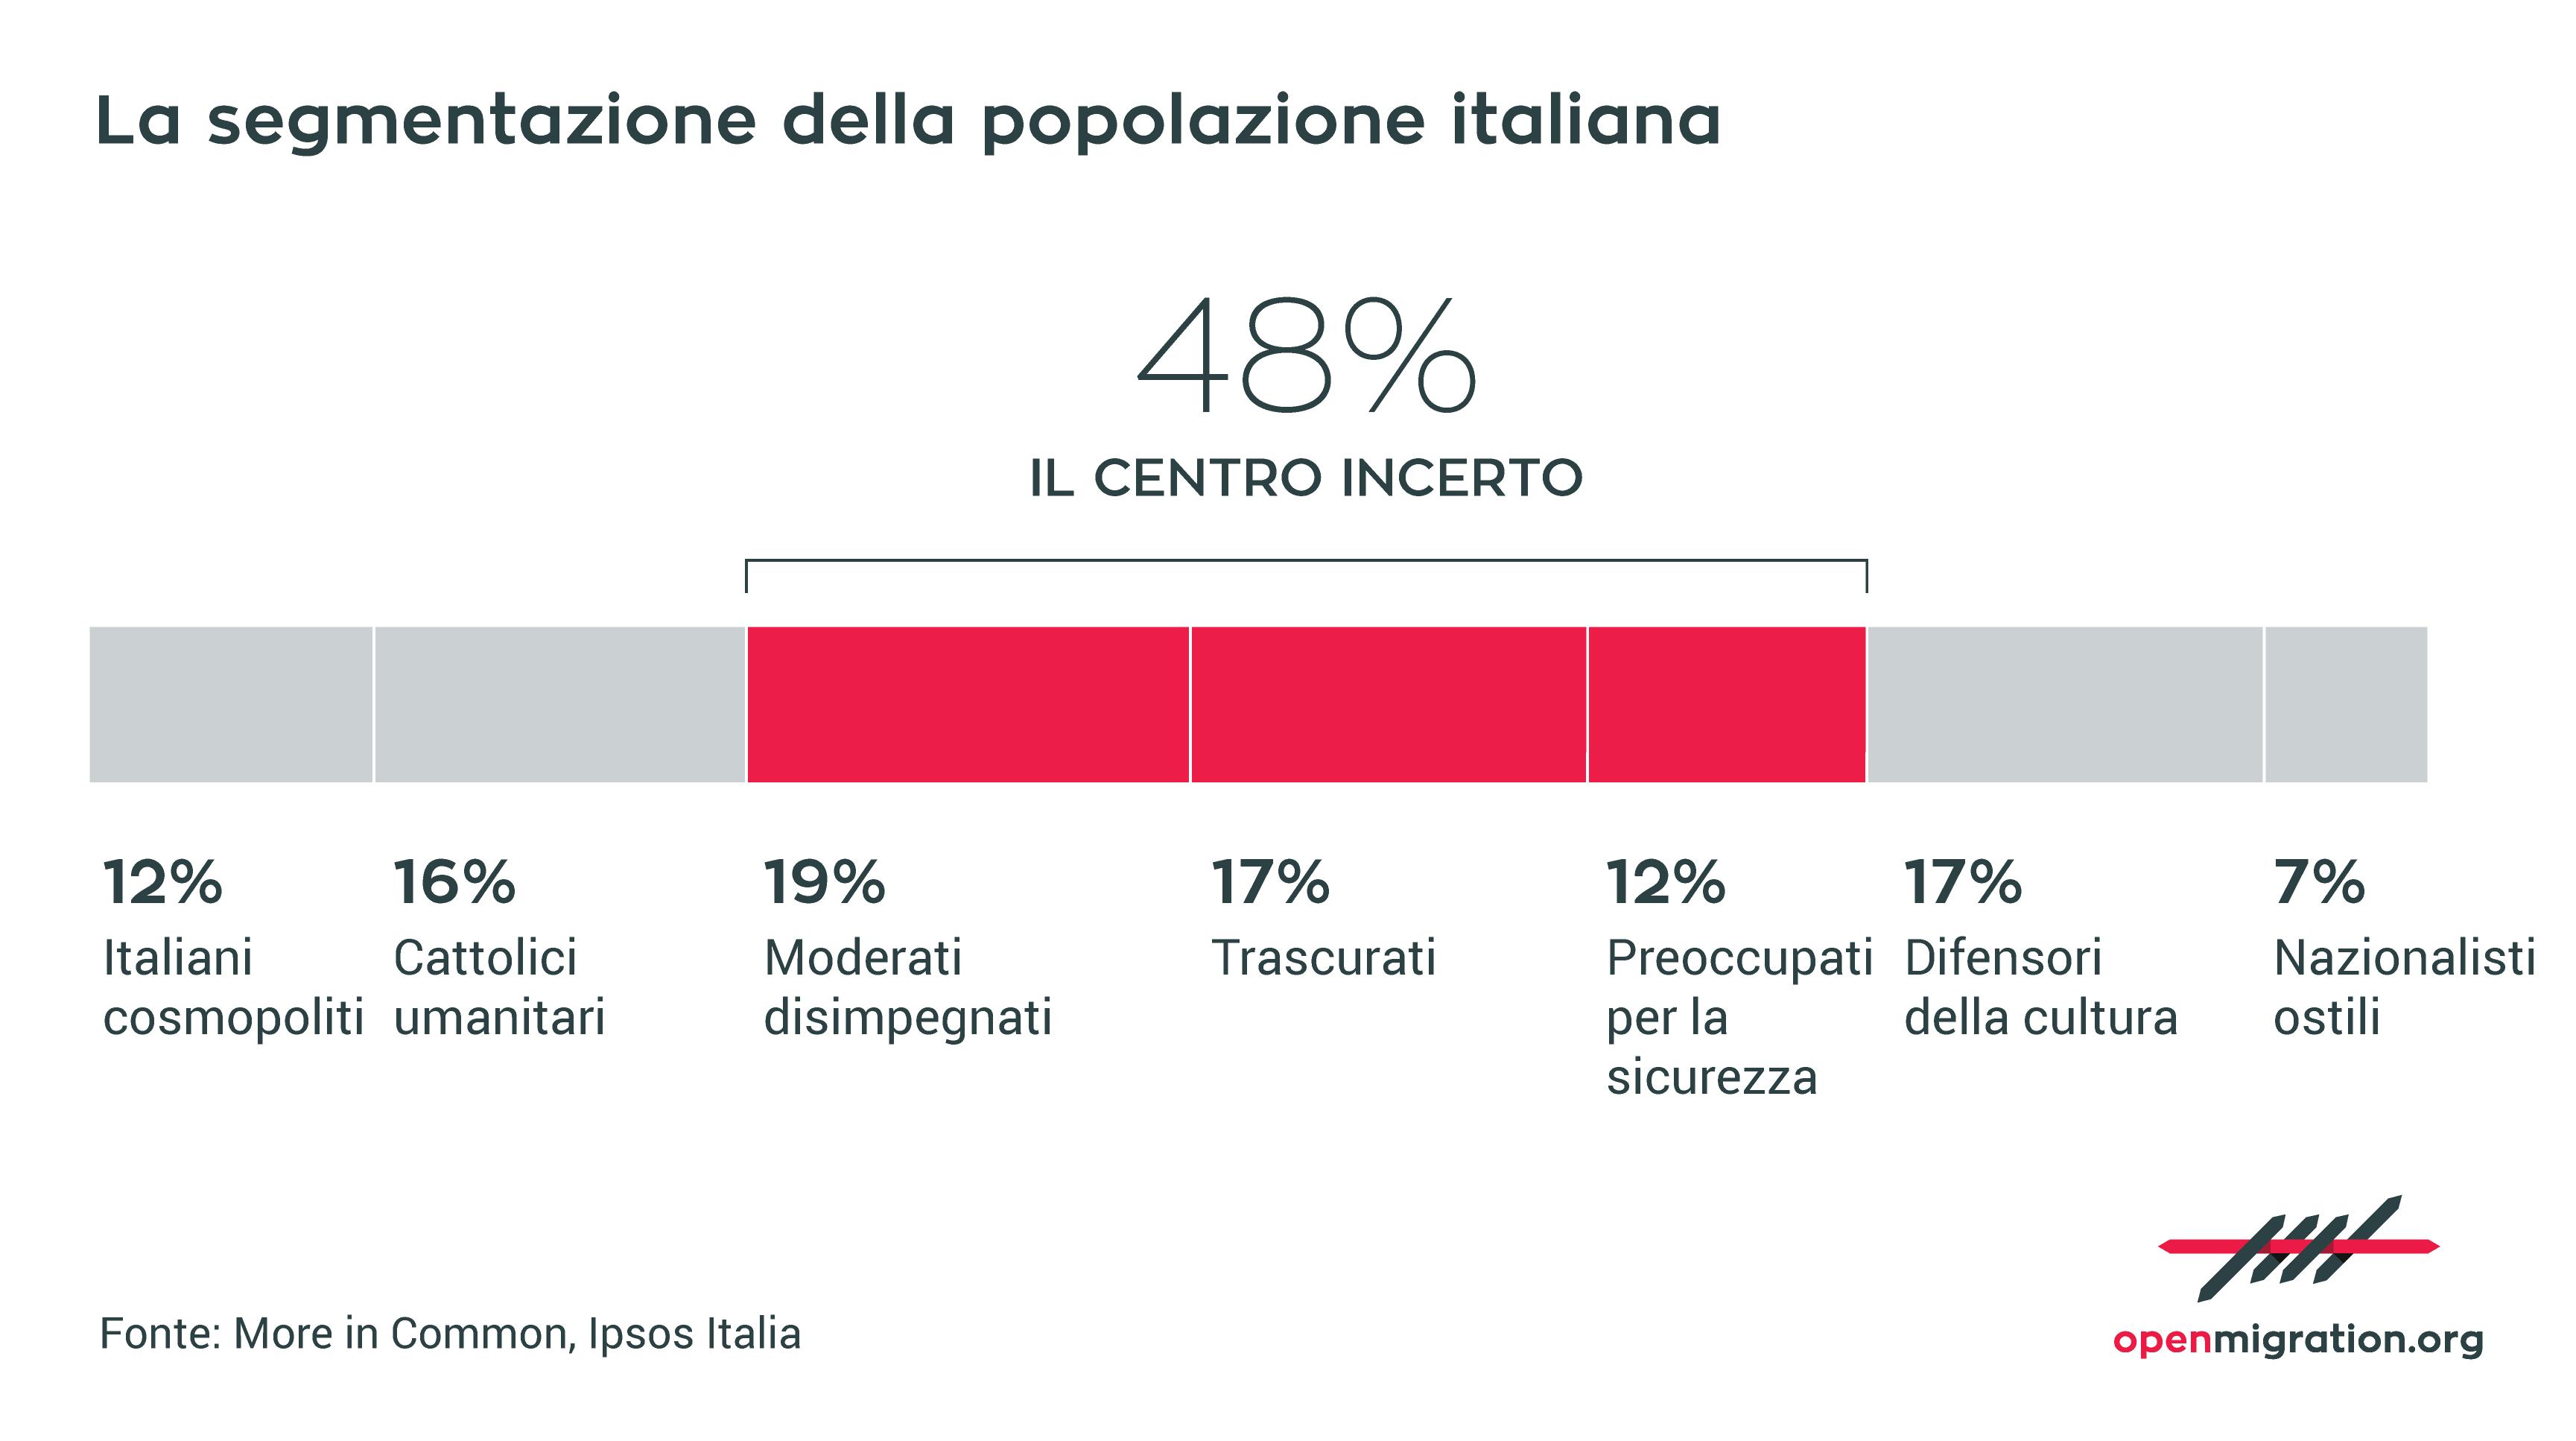 La segmentazione della popolazione italiana